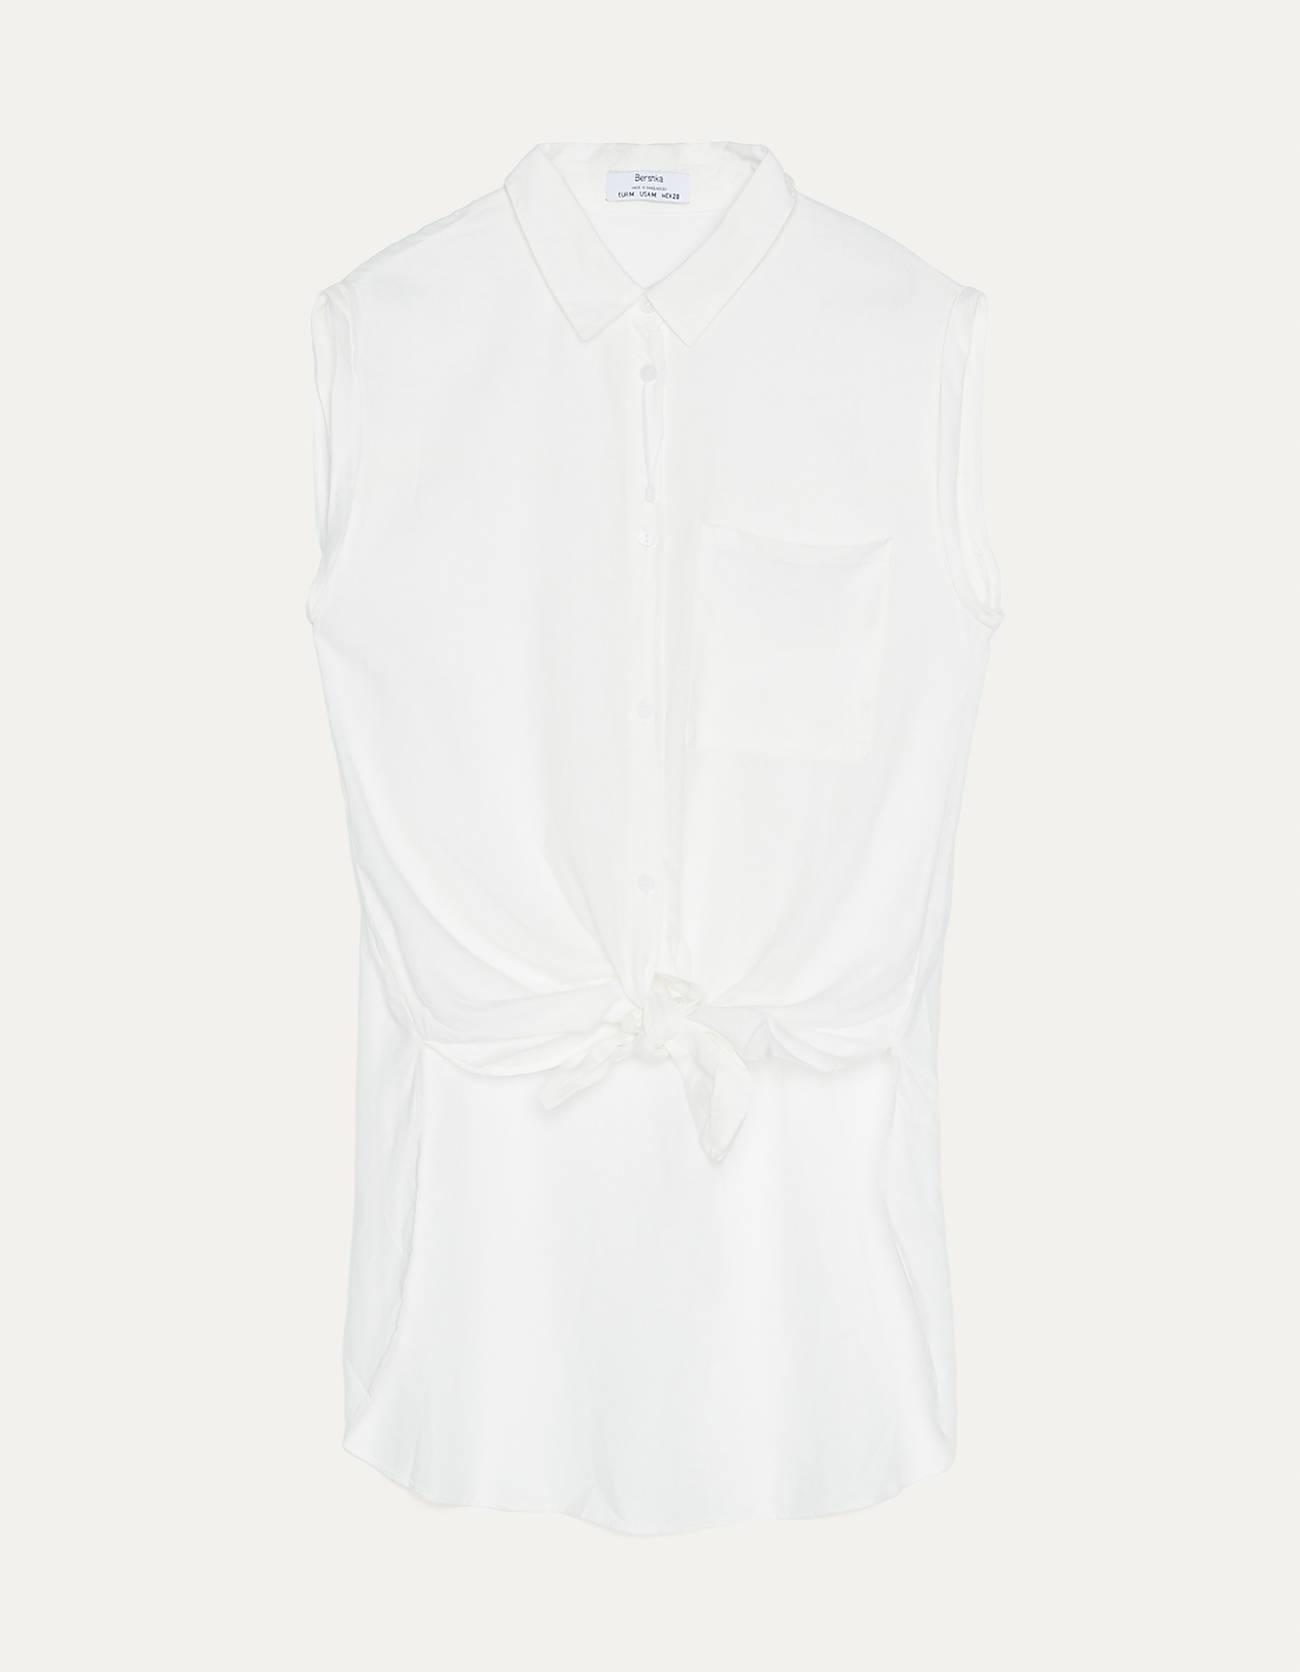 Camisa blanca sin mangas con nudo delantero.